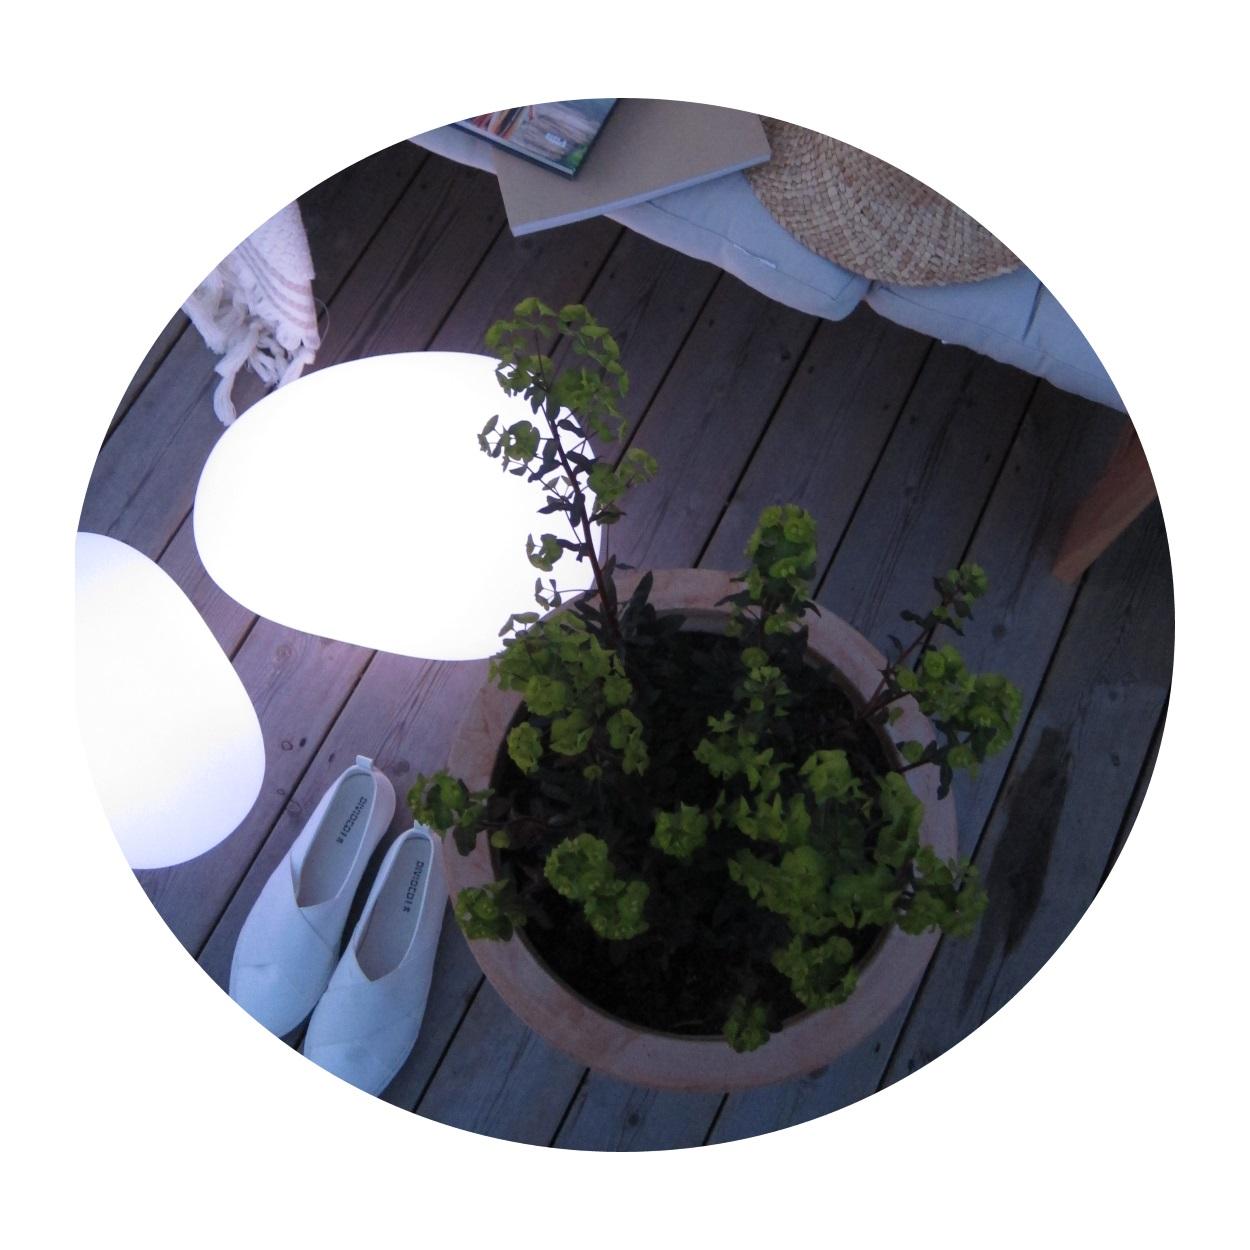 Trädgårdsbelysning Sten Solcell lampa mellan